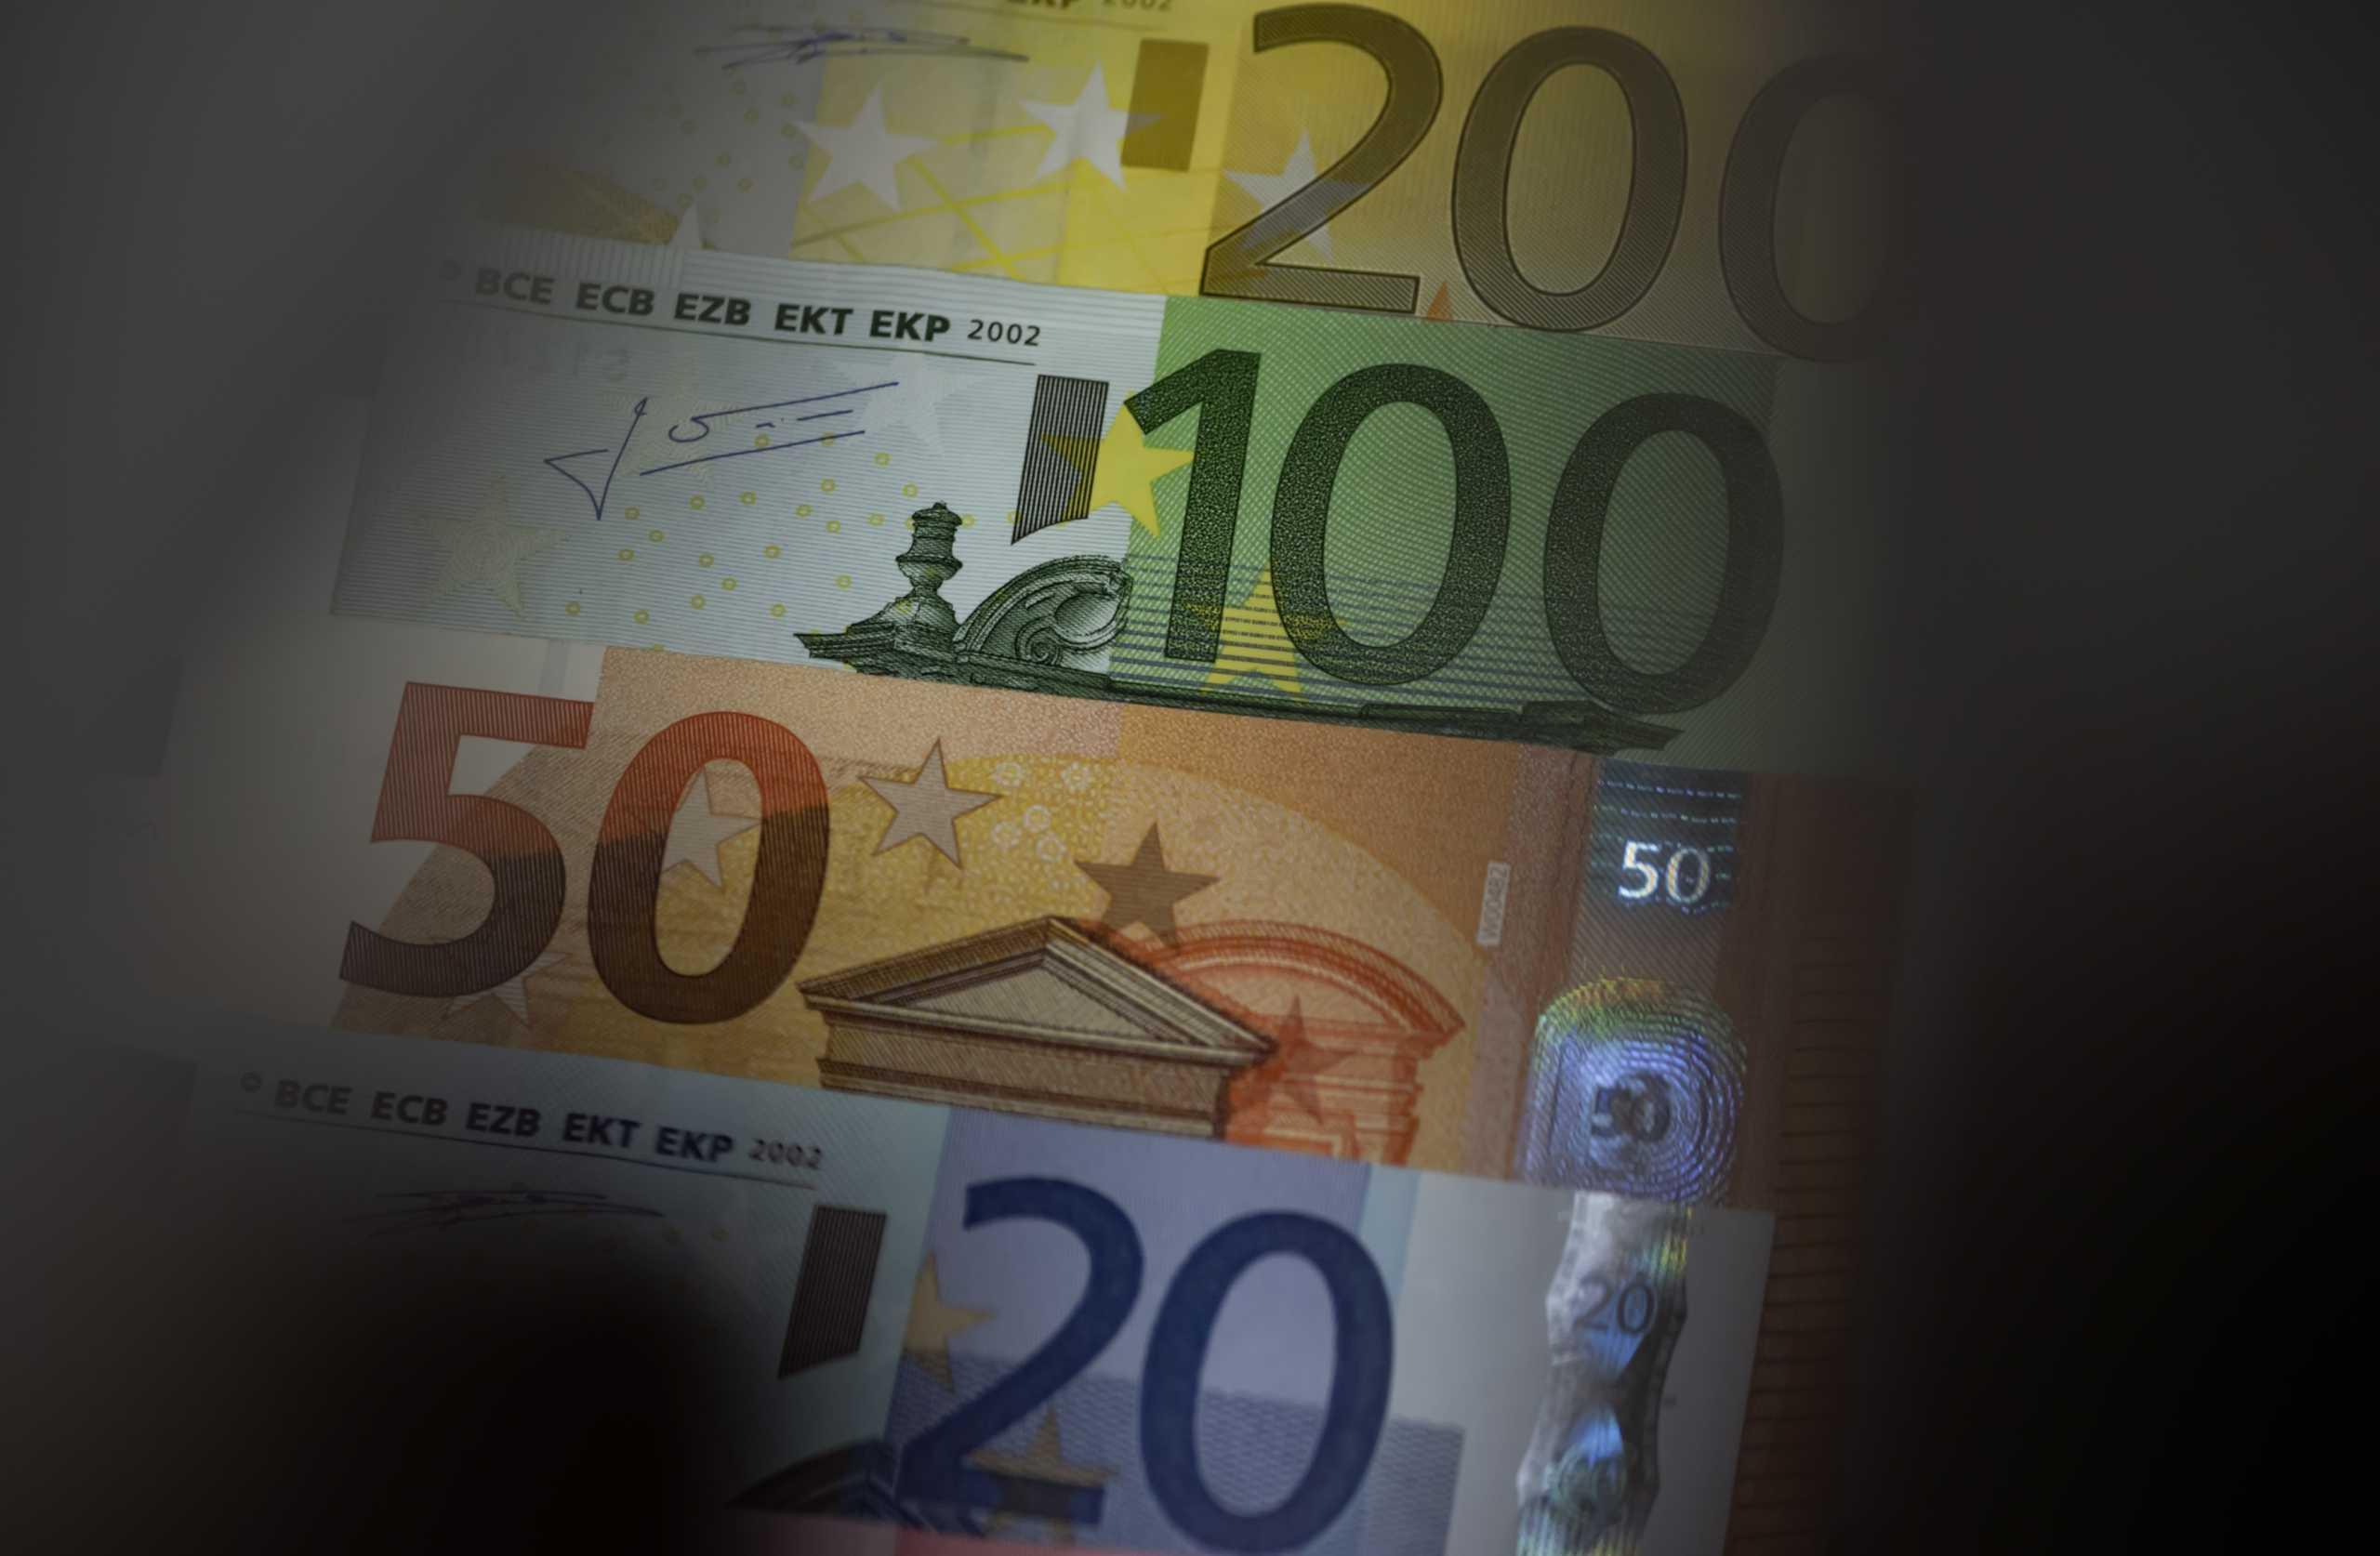 Η Ε.Ε. διαθέτει 14,1 δισεκατομμύρια ευρώ σε 12 κράτη με το «Sure»- Πόσα αντιστοιχούν στην Ελλάδα